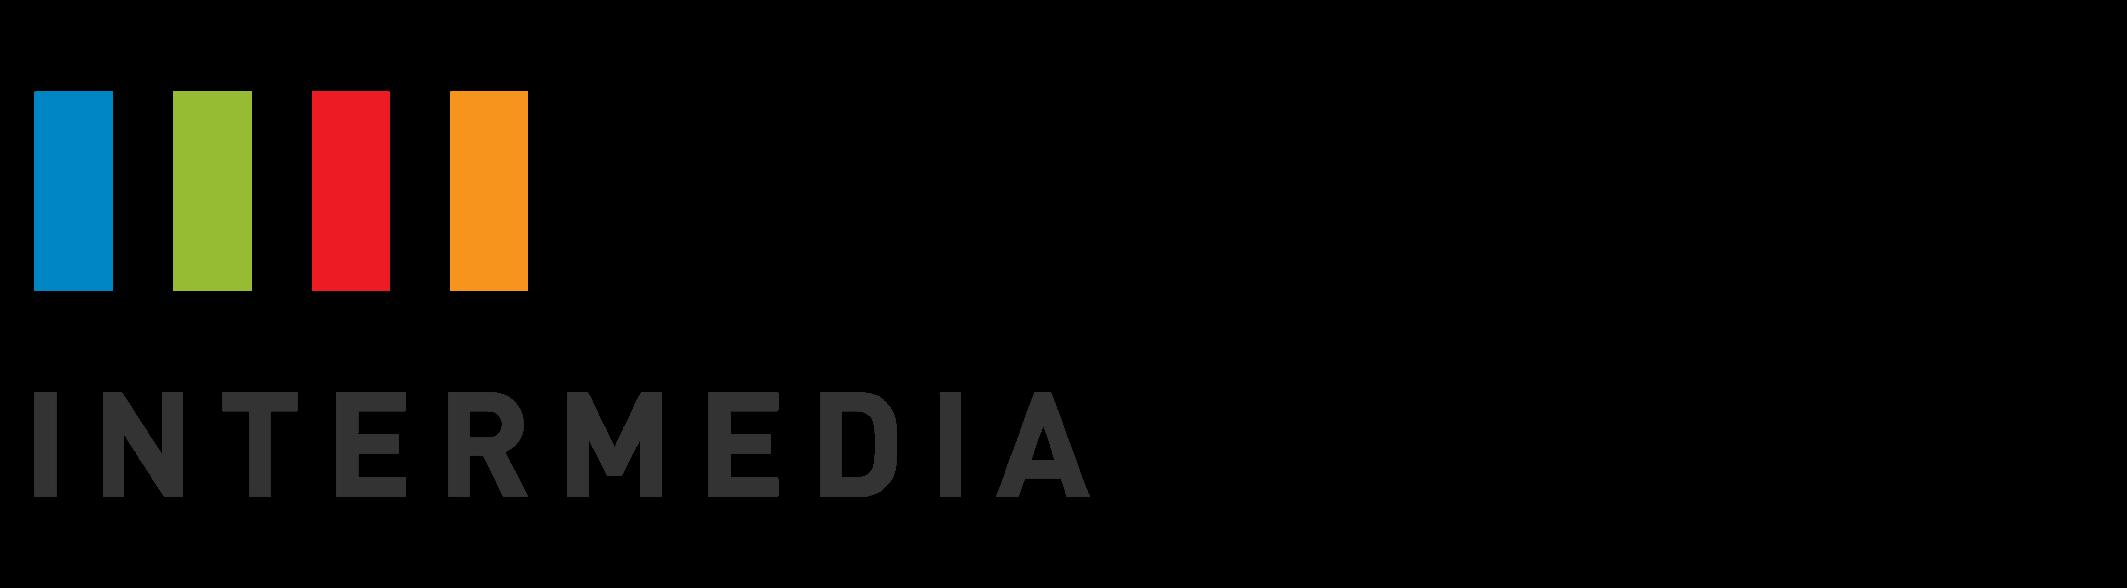 Intermedia Reseller Logo